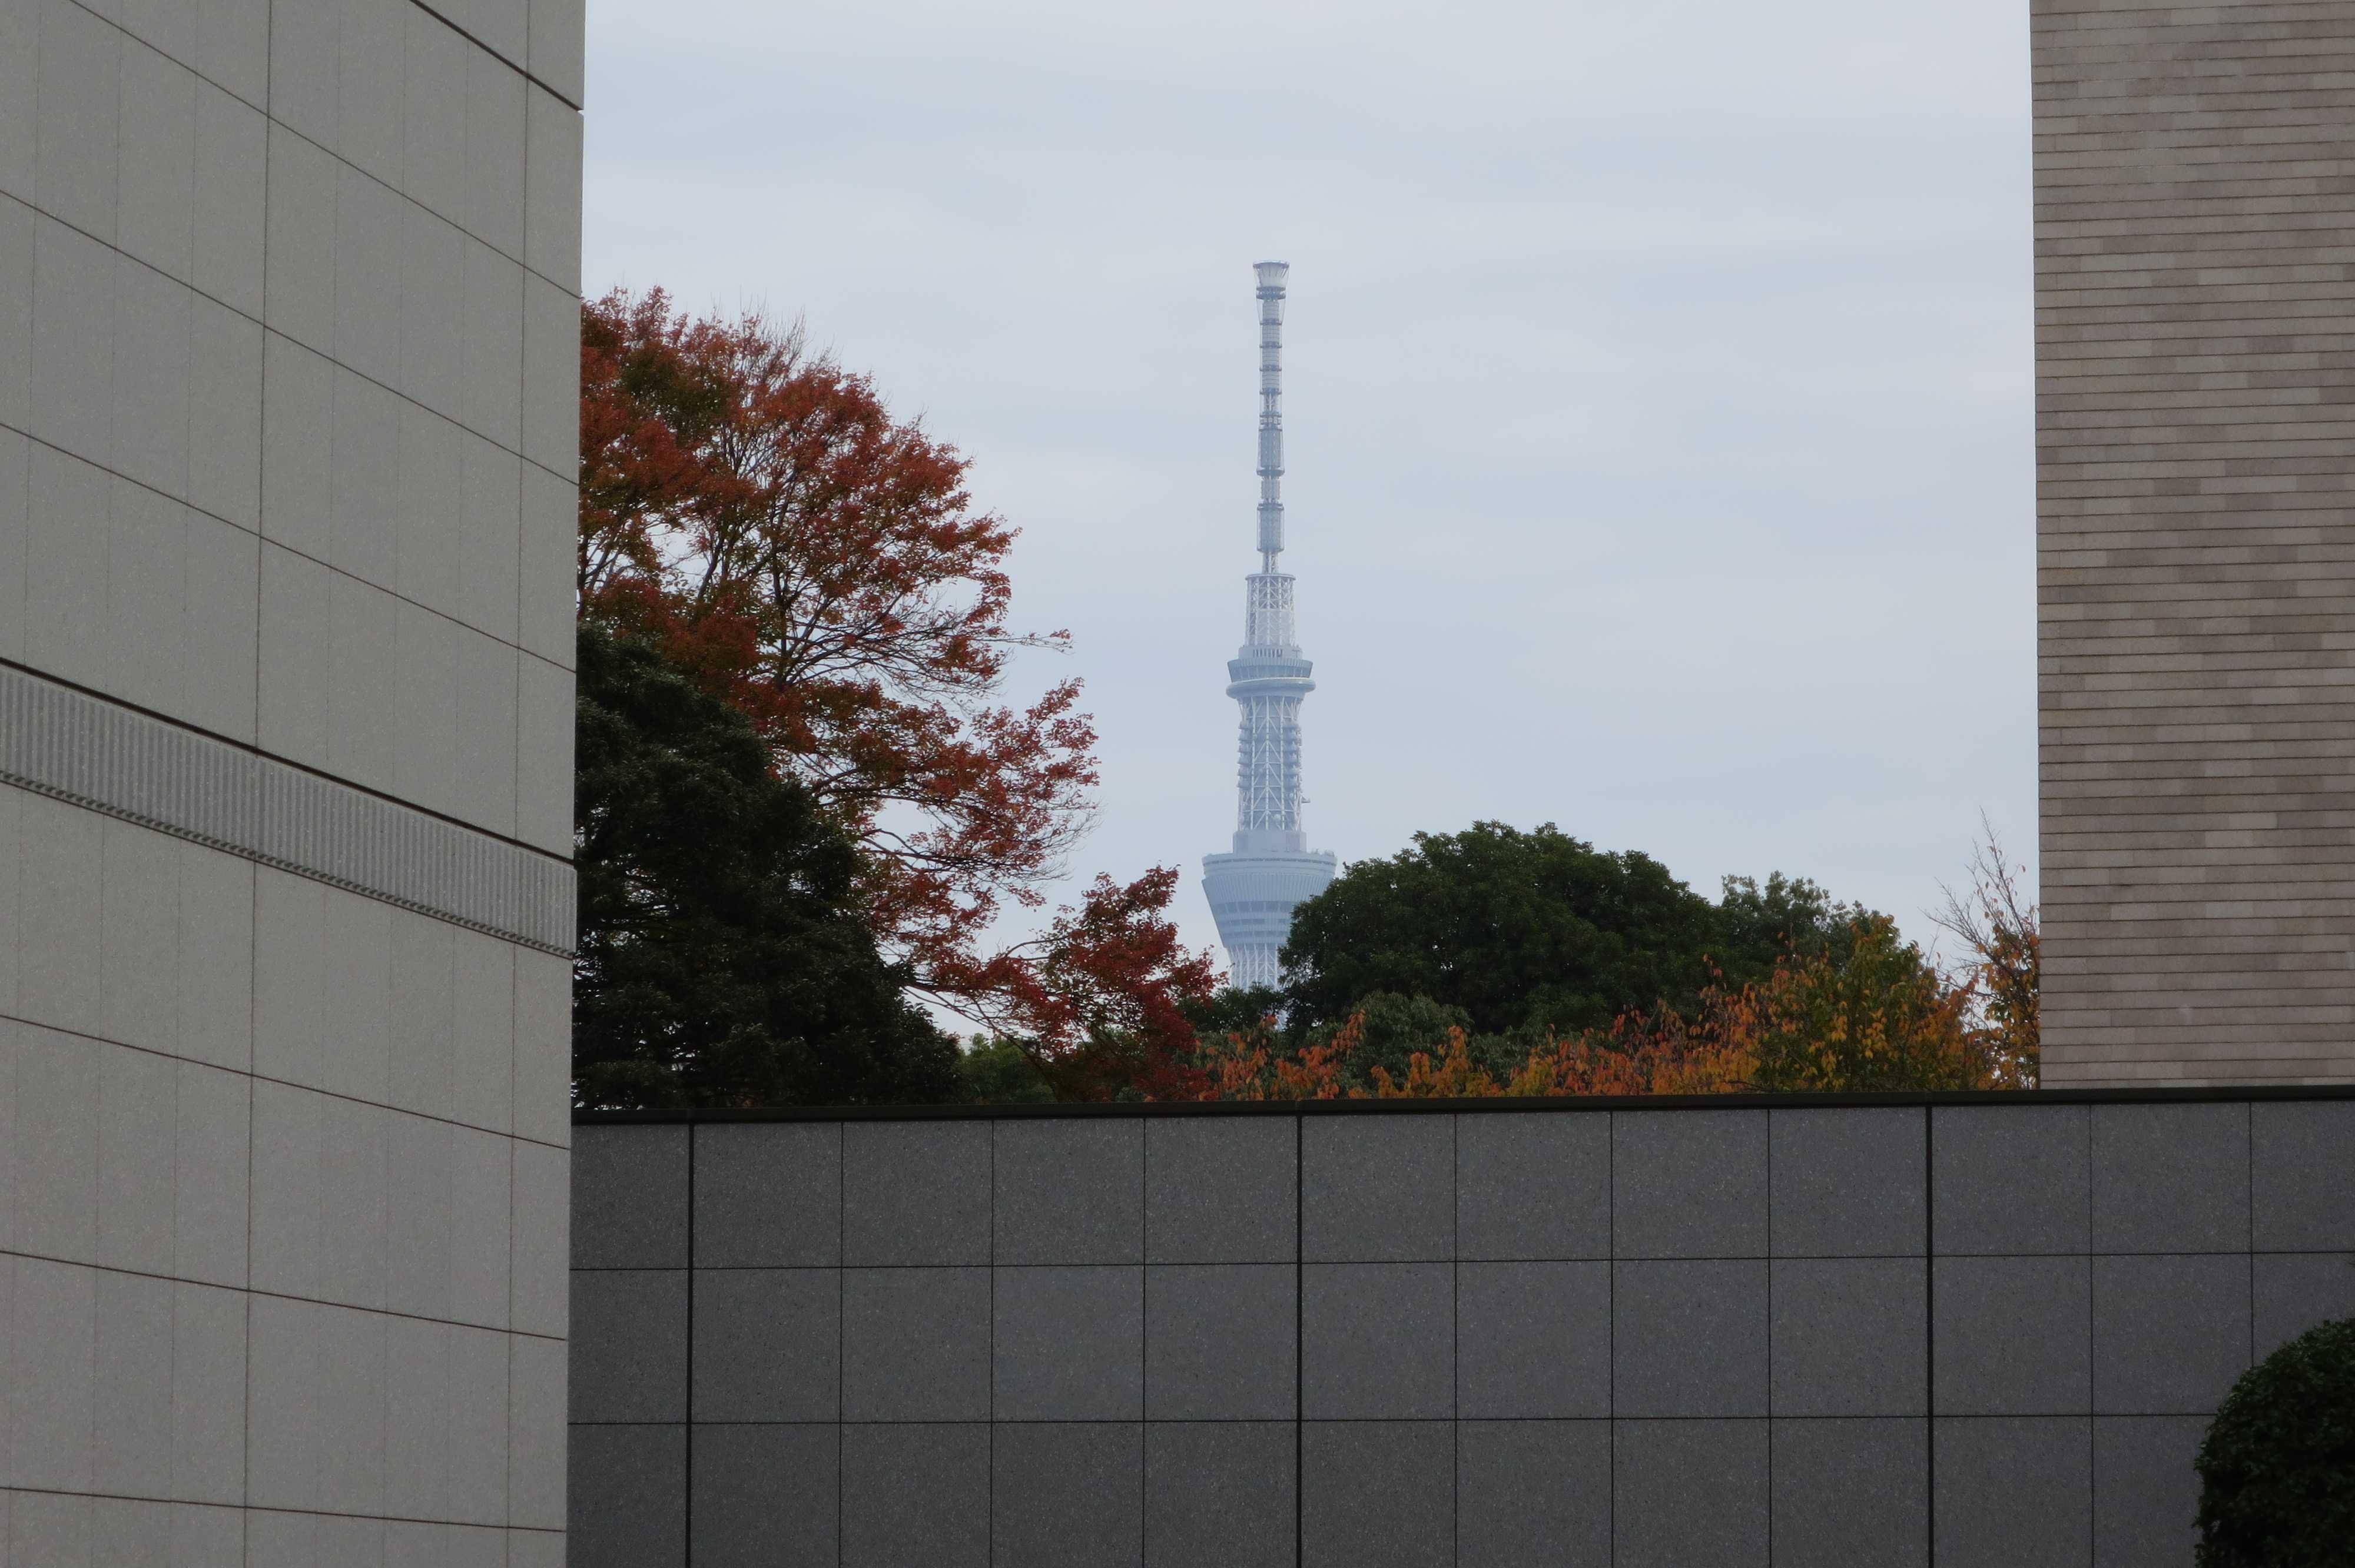 東京国立博物館から見えた東京スカイツリー